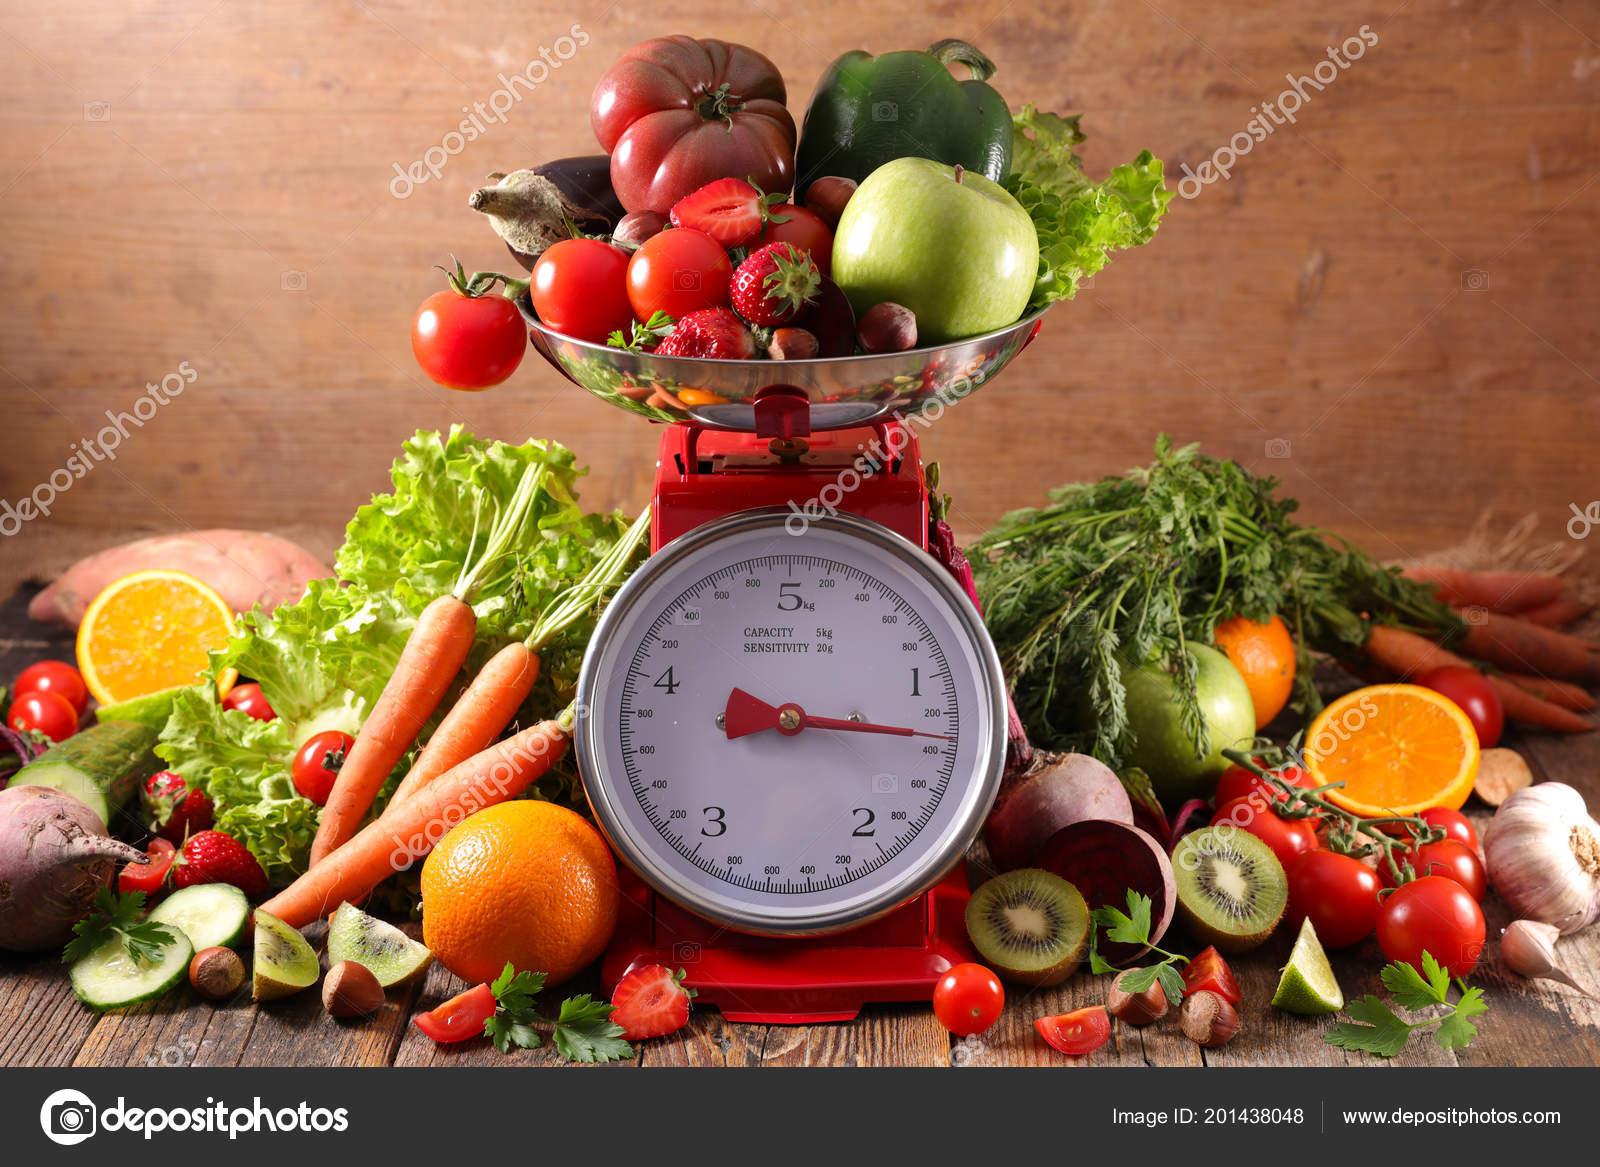 Bilanz Mit Obst Und Gemuse Diat Food Konzept Stockfoto C Studiom